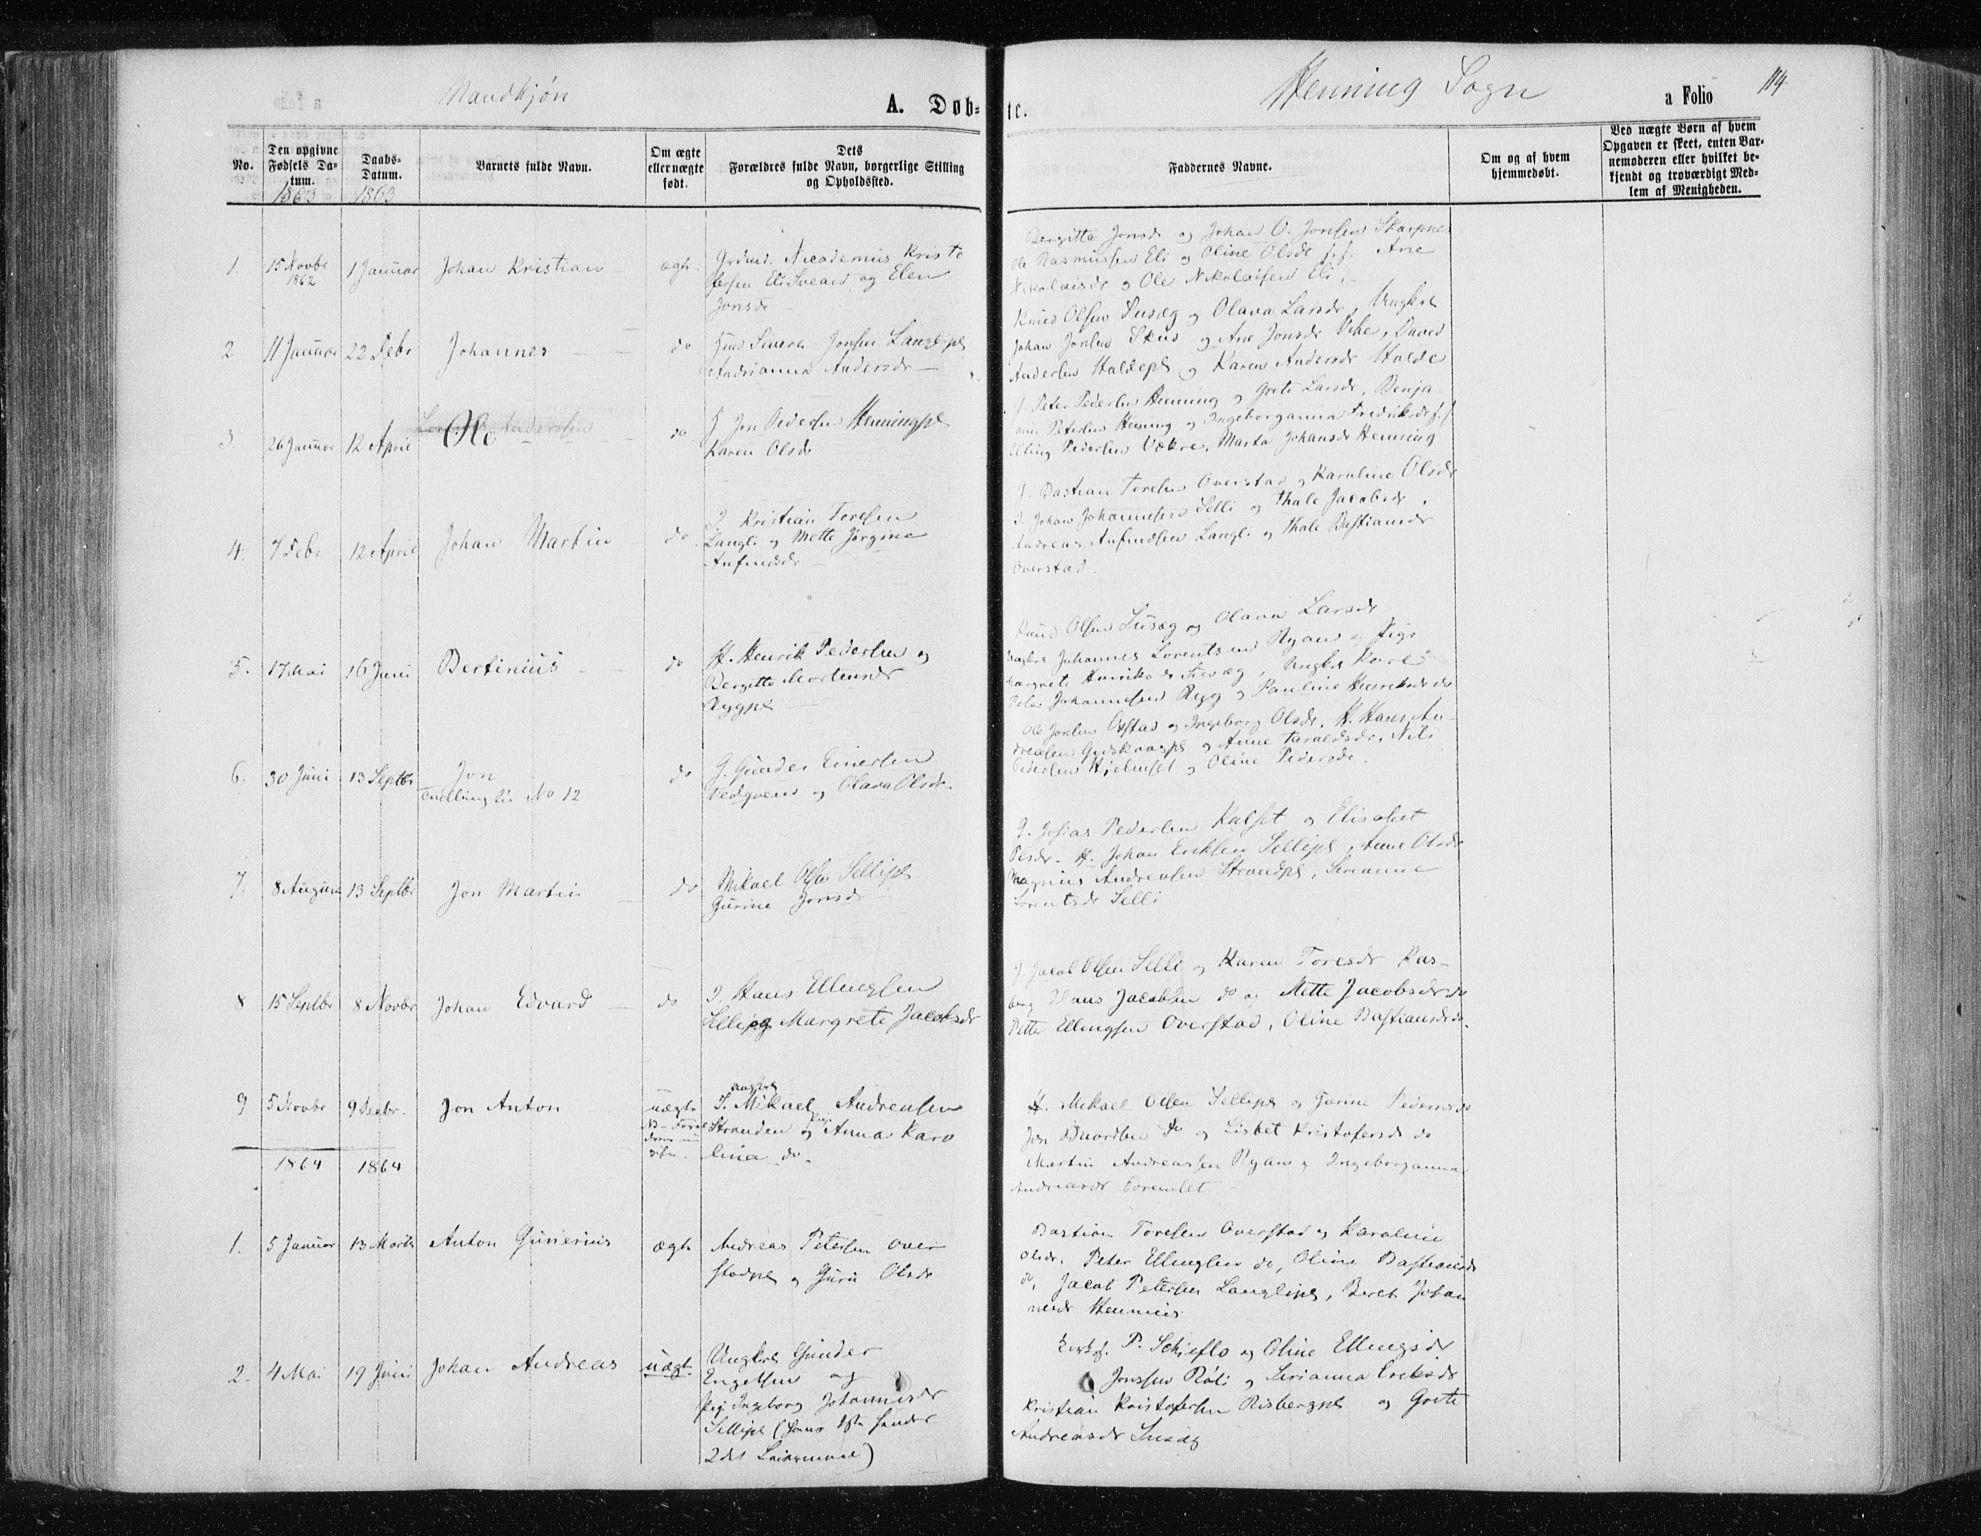 SAT, Ministerialprotokoller, klokkerbøker og fødselsregistre - Nord-Trøndelag, 735/L0345: Ministerialbok nr. 735A08 /3, 1863-1872, s. 114